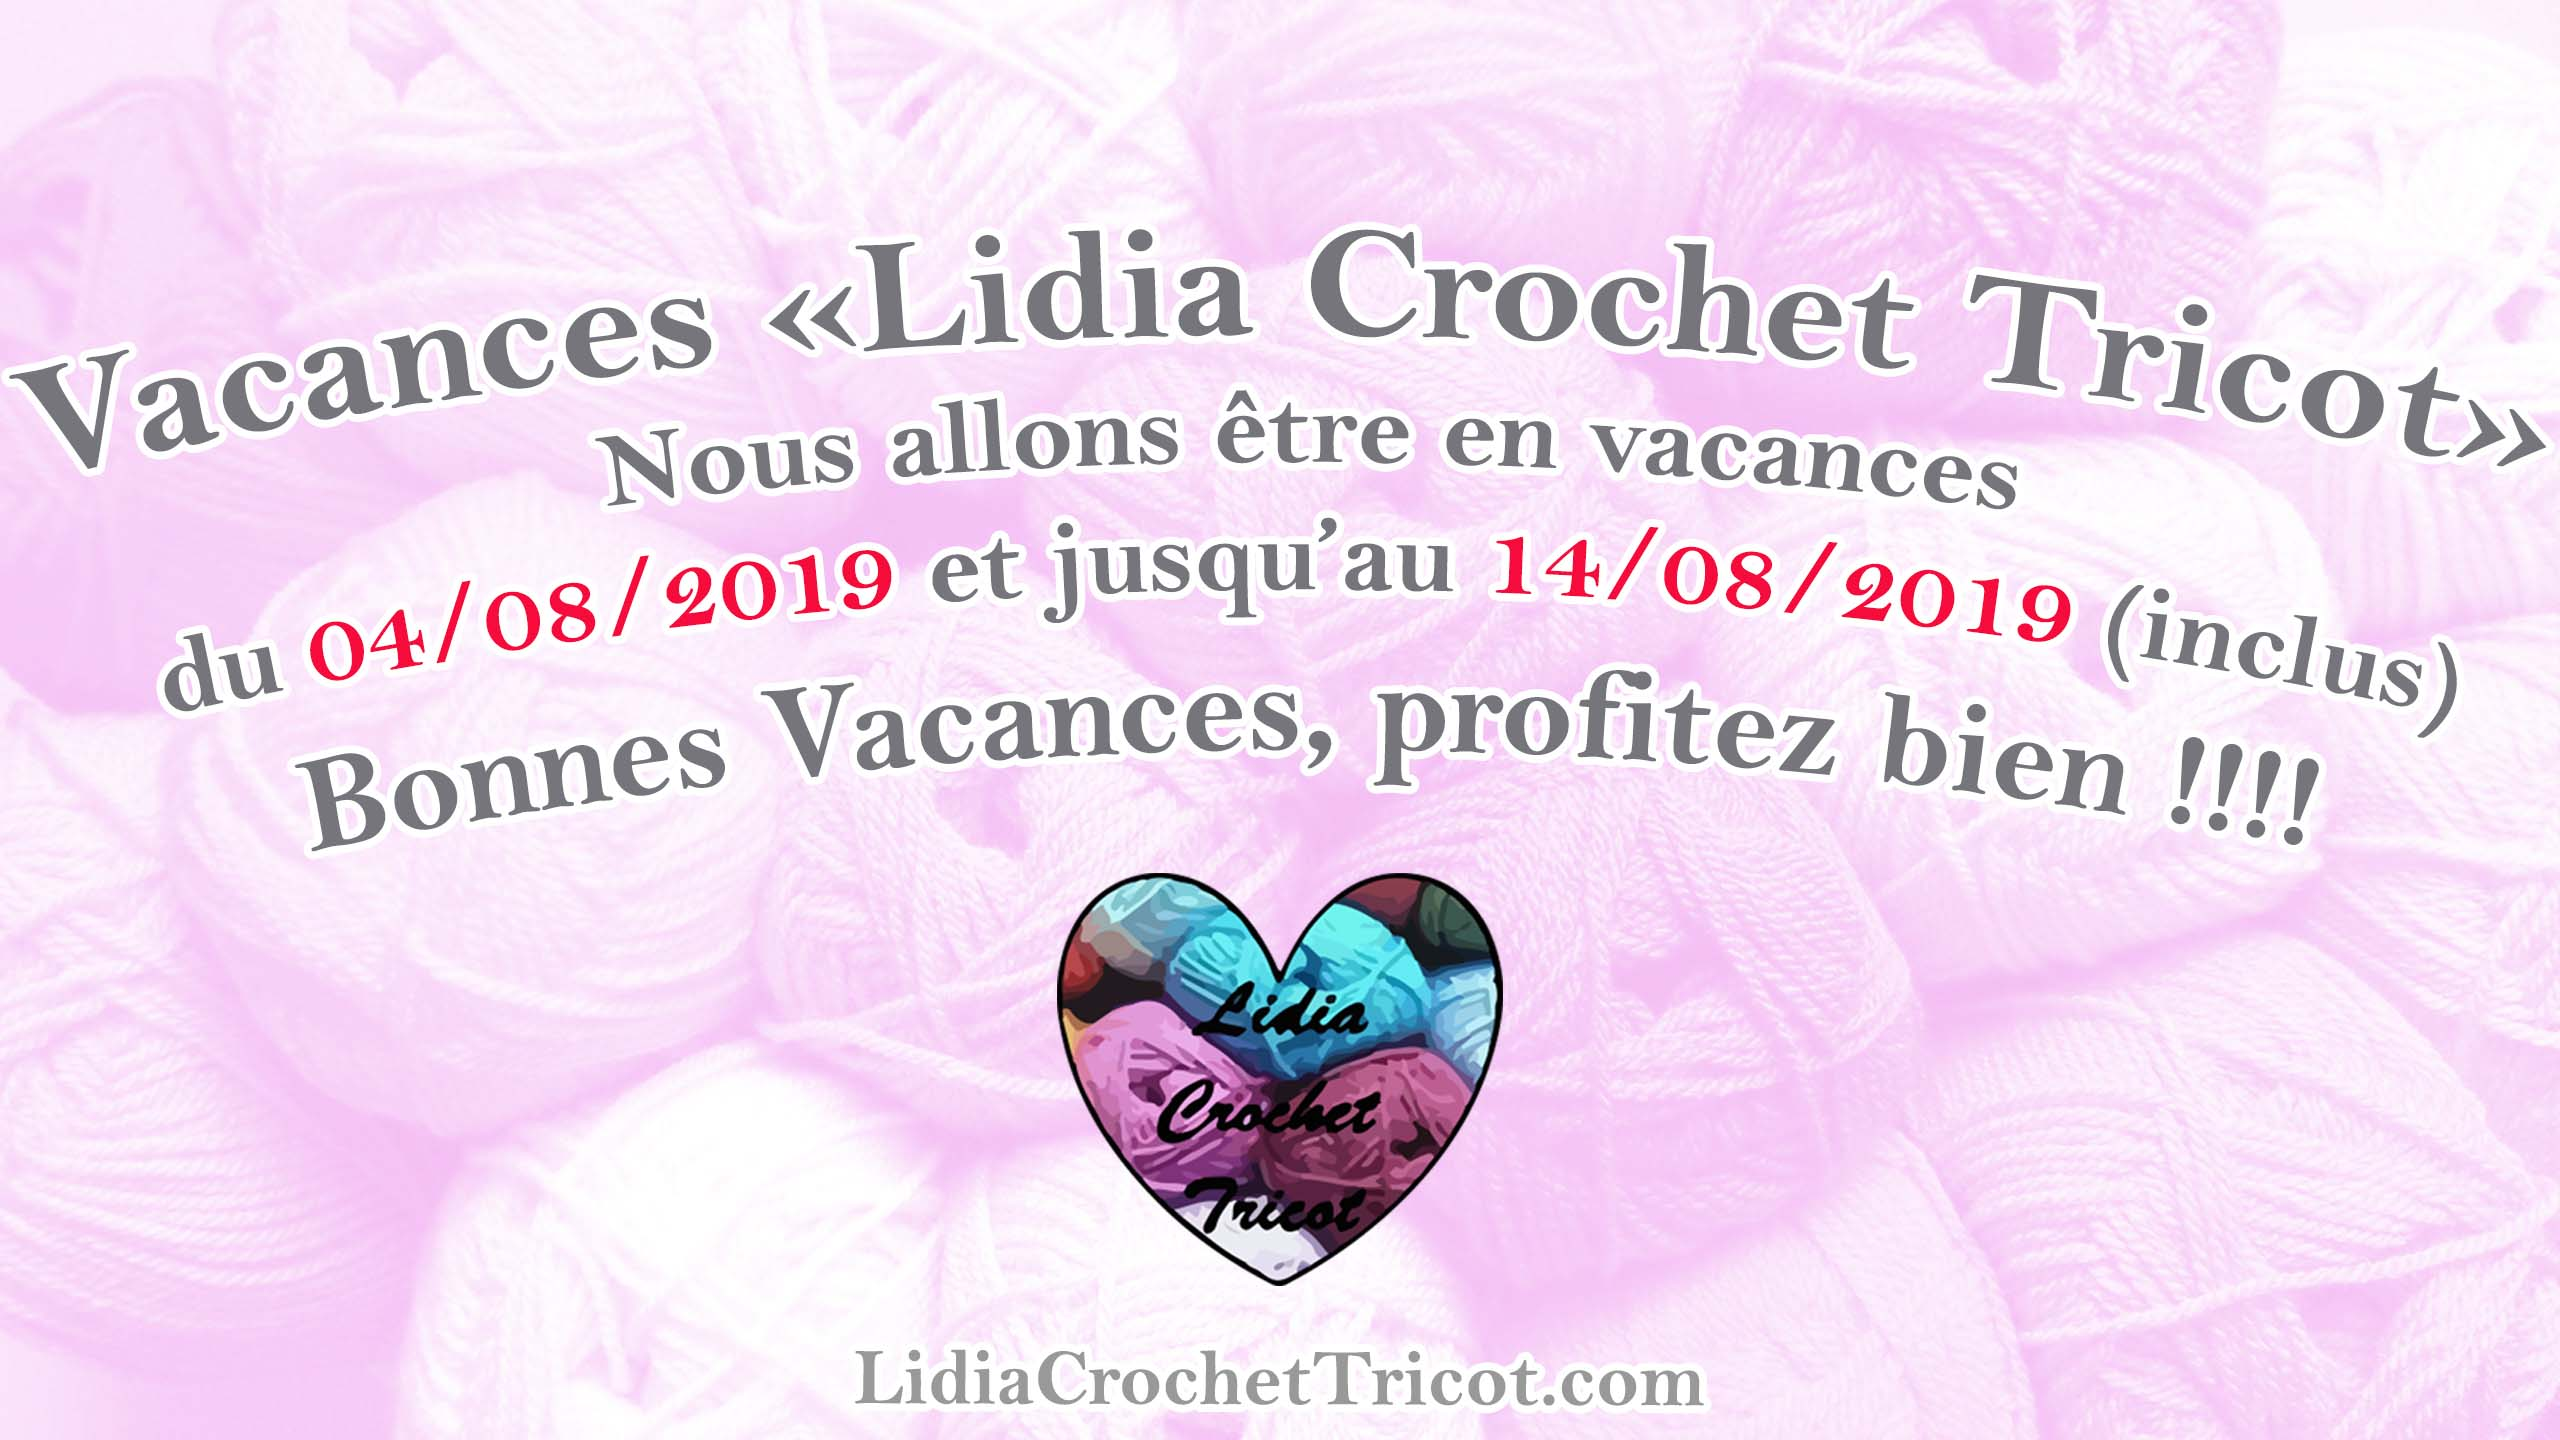 Vacances 2019 été Lidia Crochet Tricot Lidia Crochet Tricot